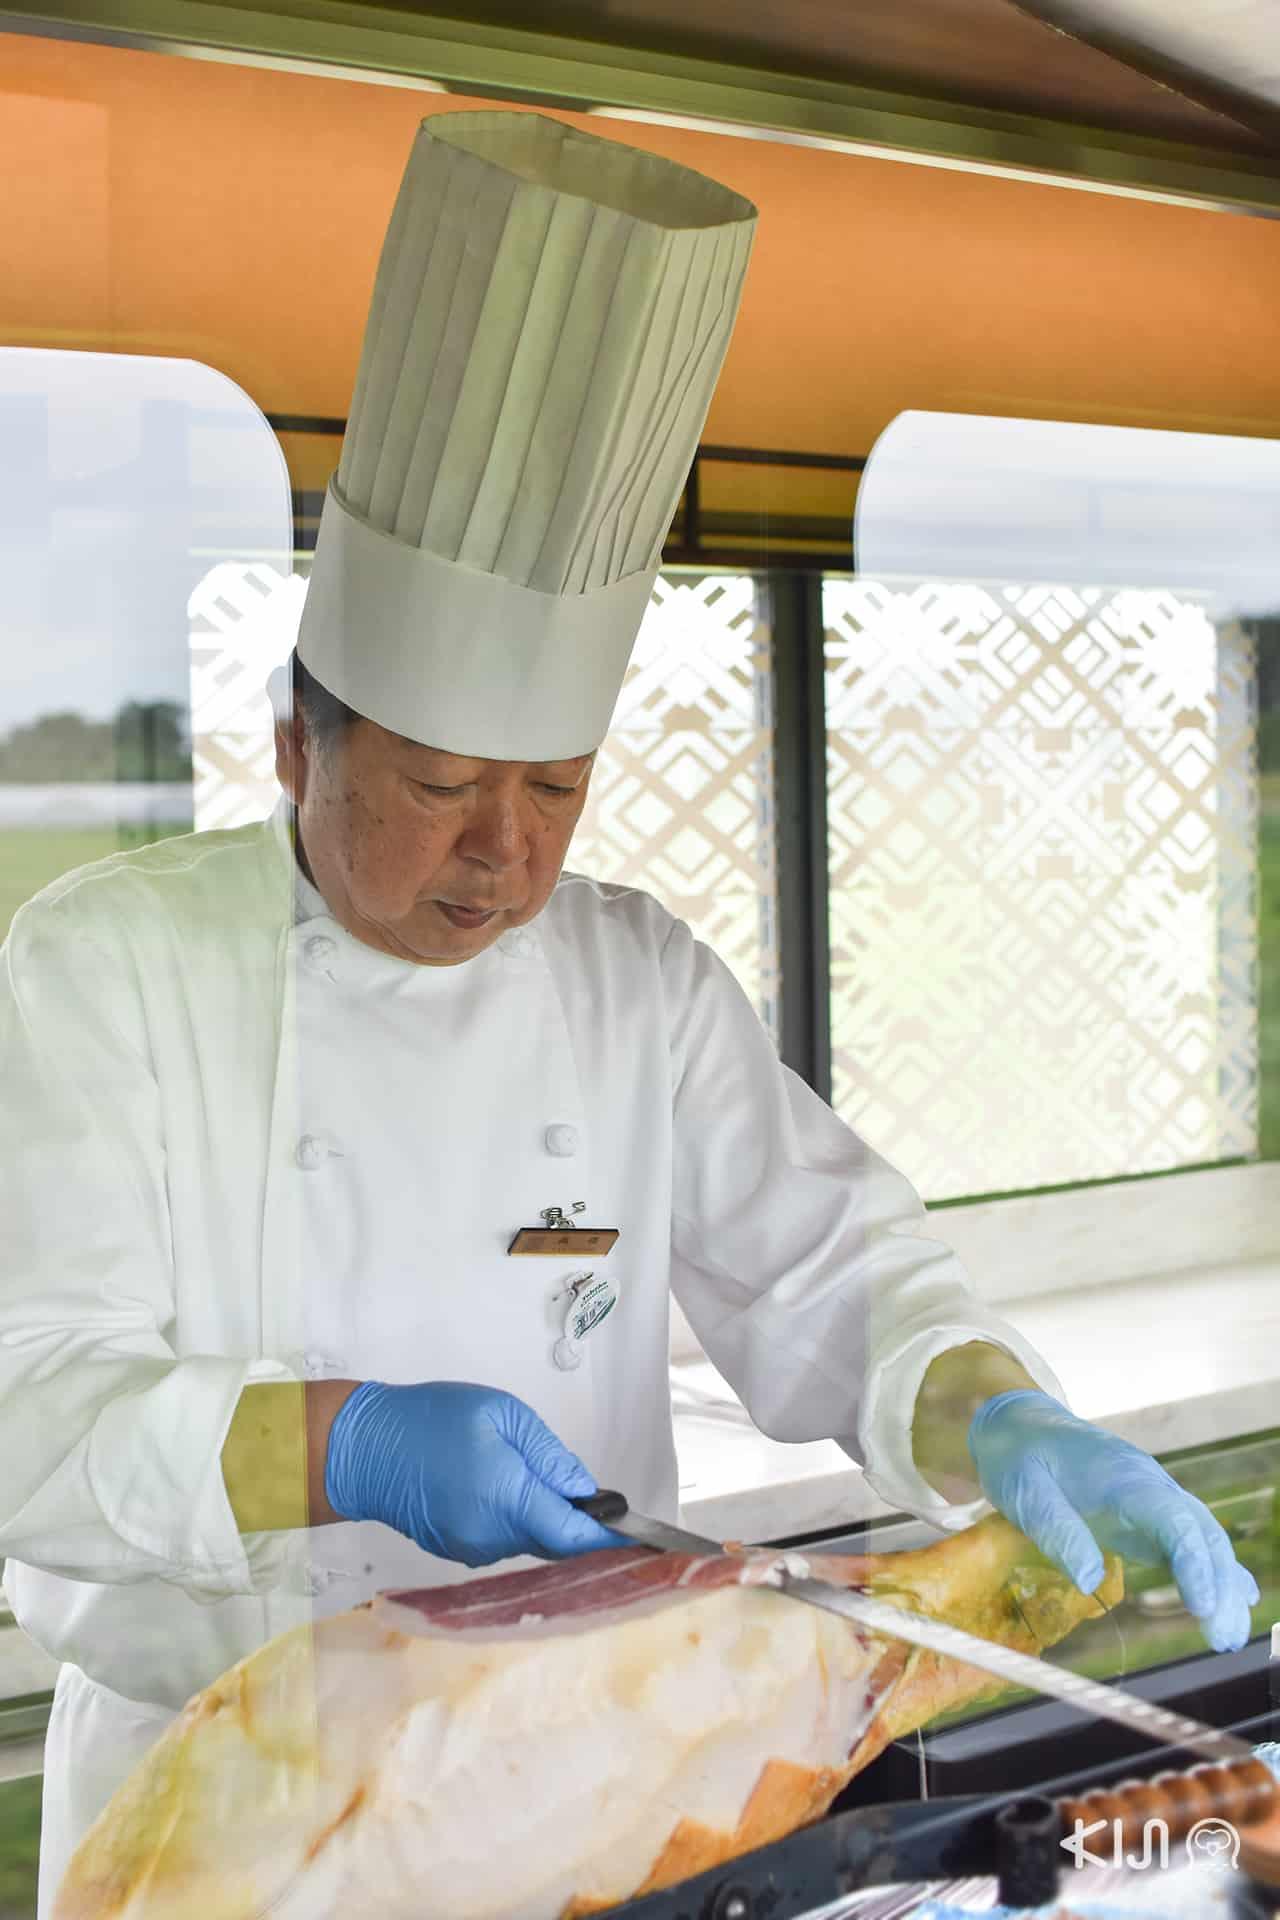 เชฟกำลังทำอาหารที่ ภัตตาคาร joyful train Tohoku Emotion